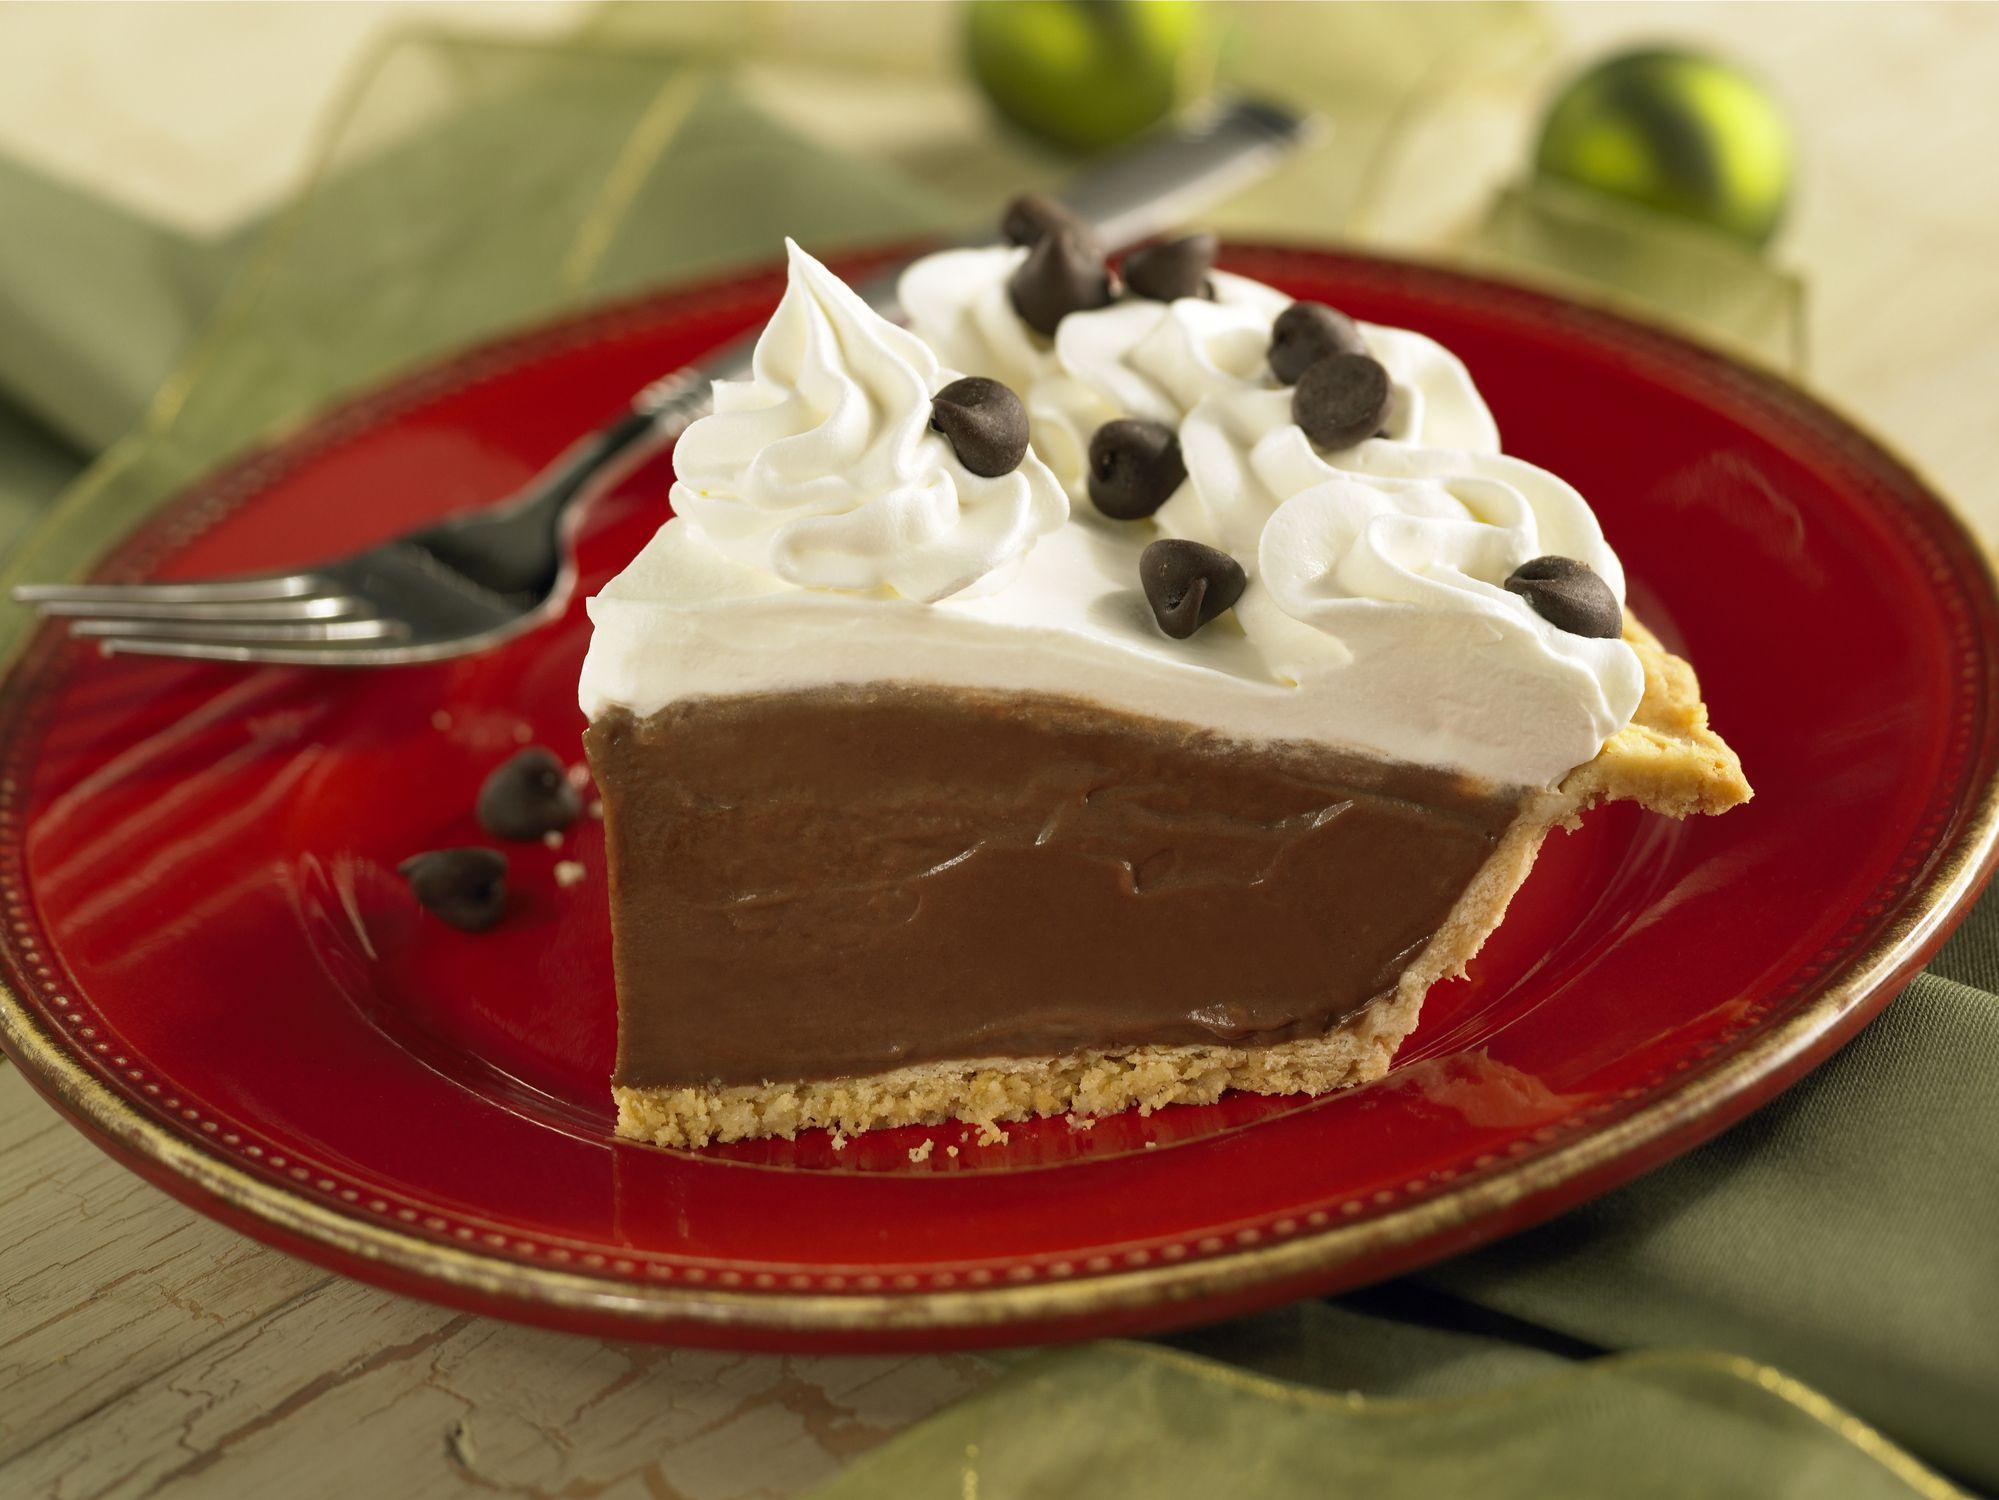 10 No Bake Dessert Recipes